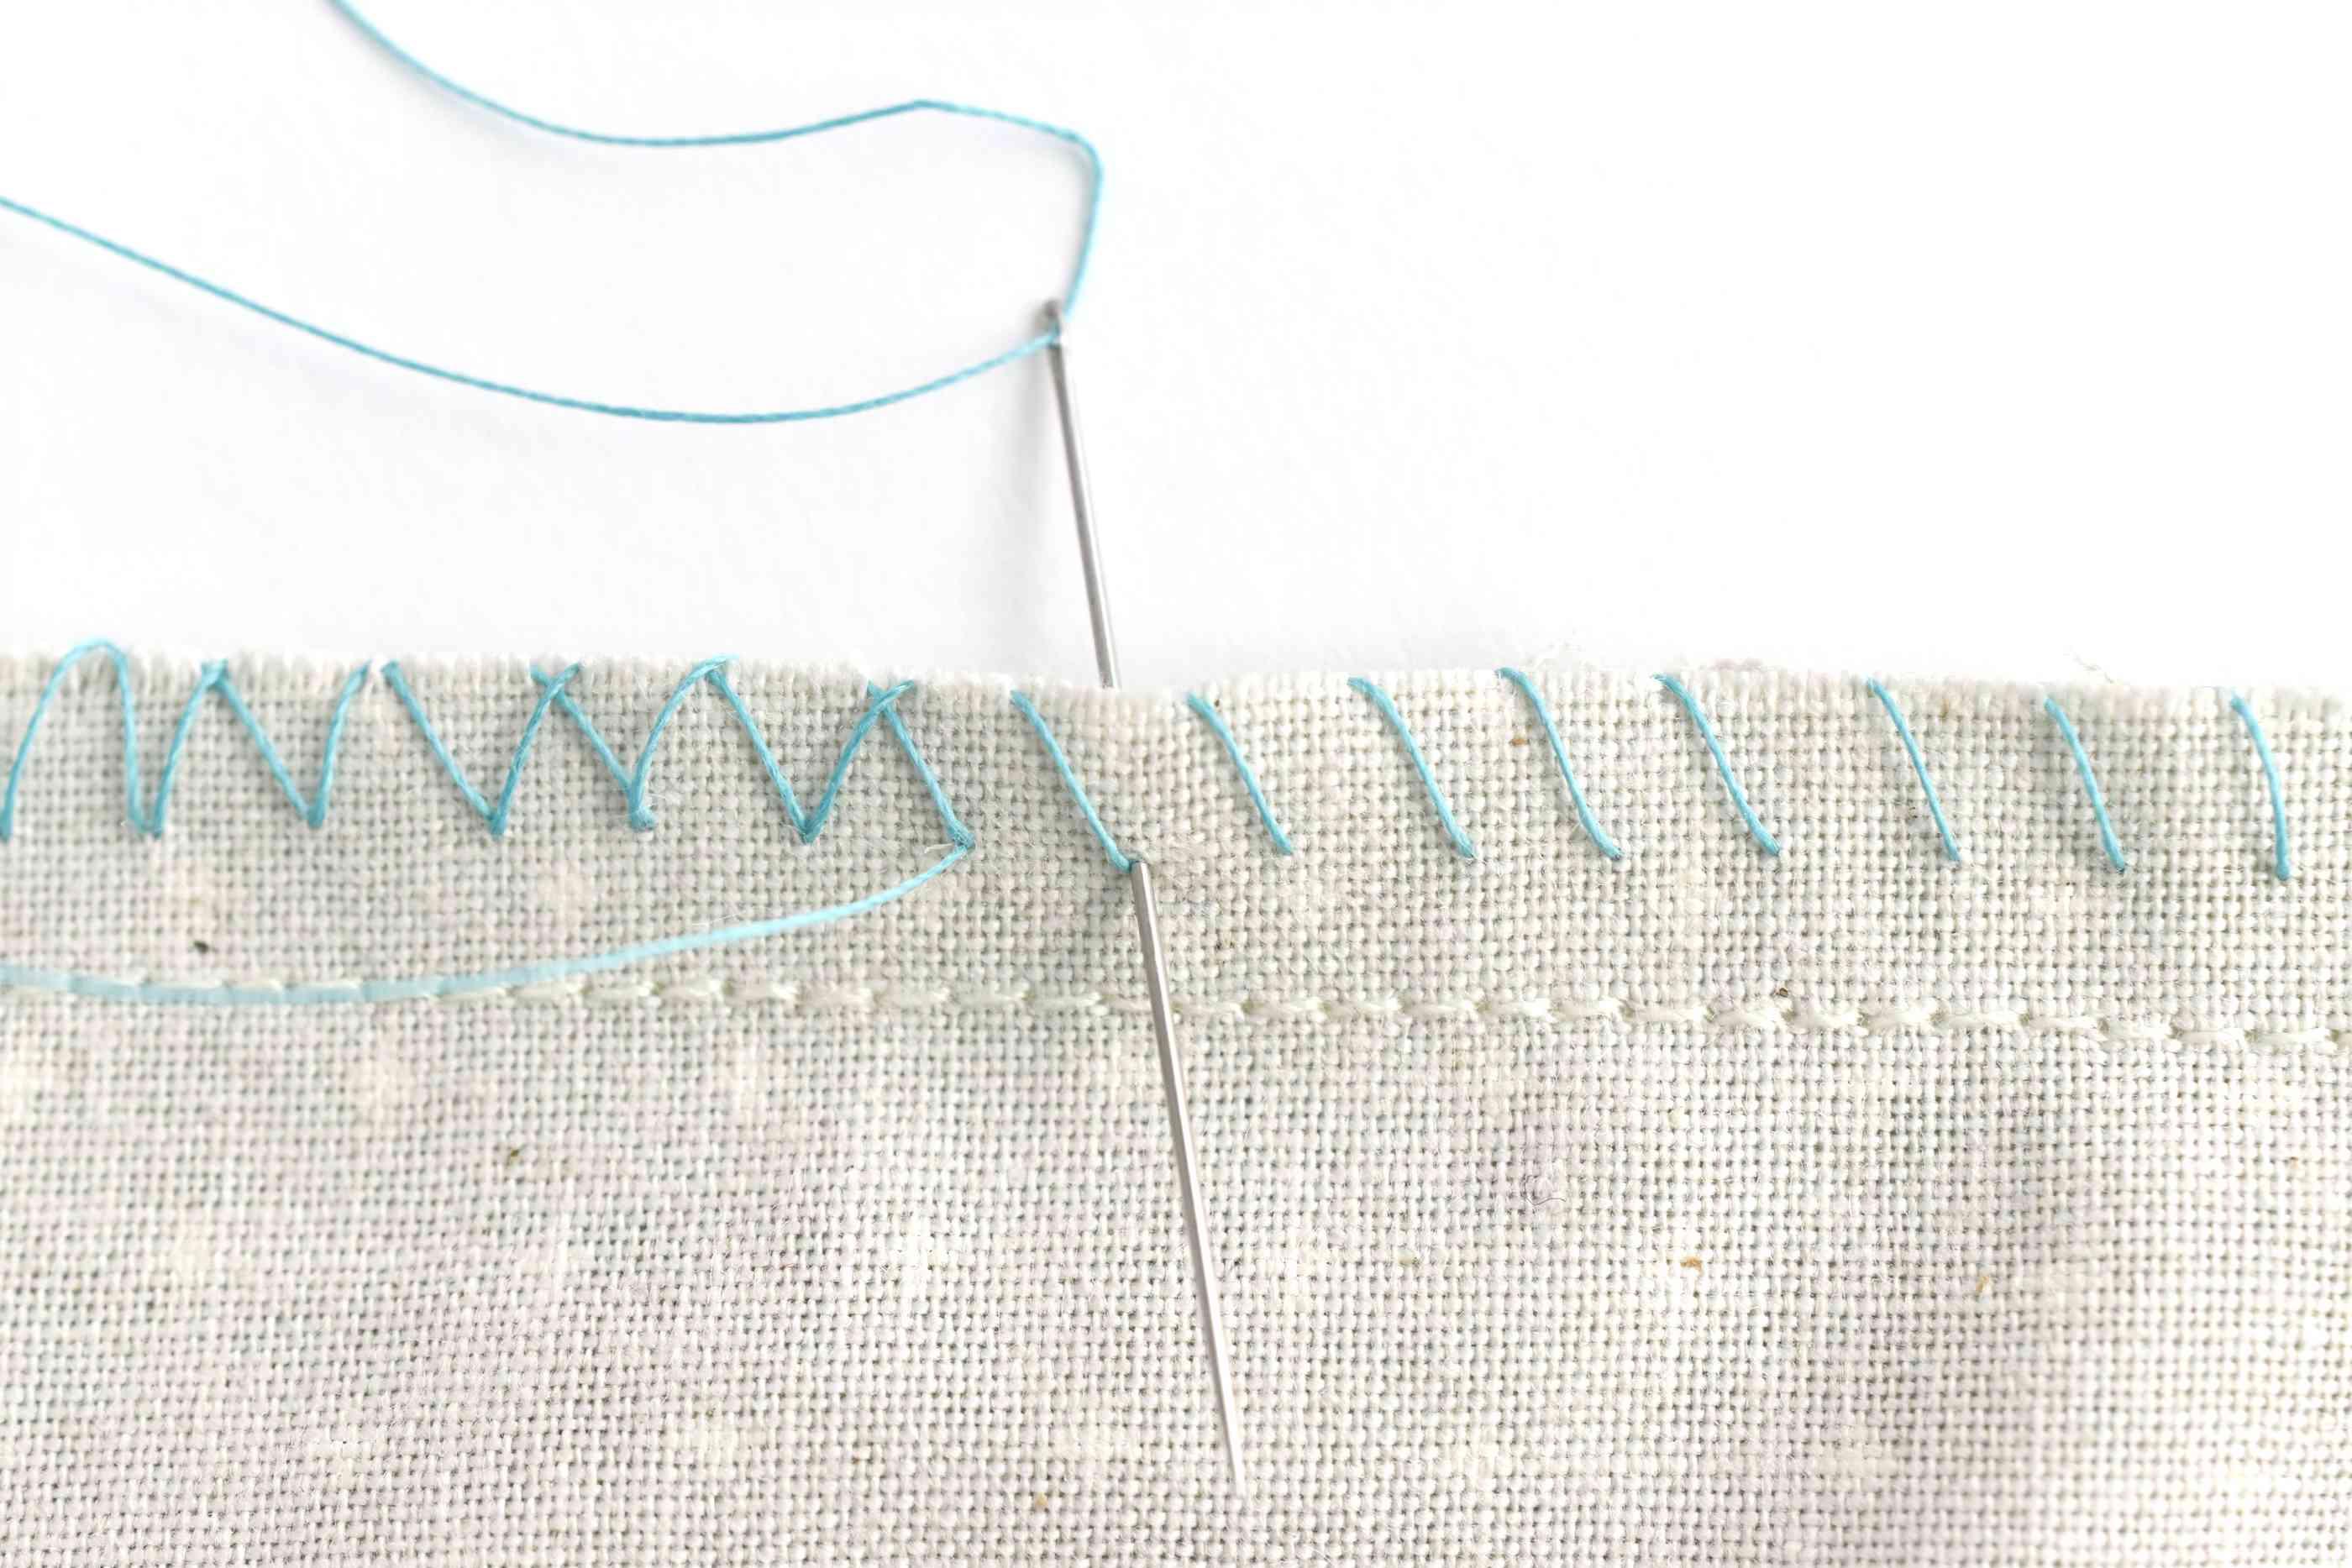 Hand-Sewn Zigzag Overcast Stitches